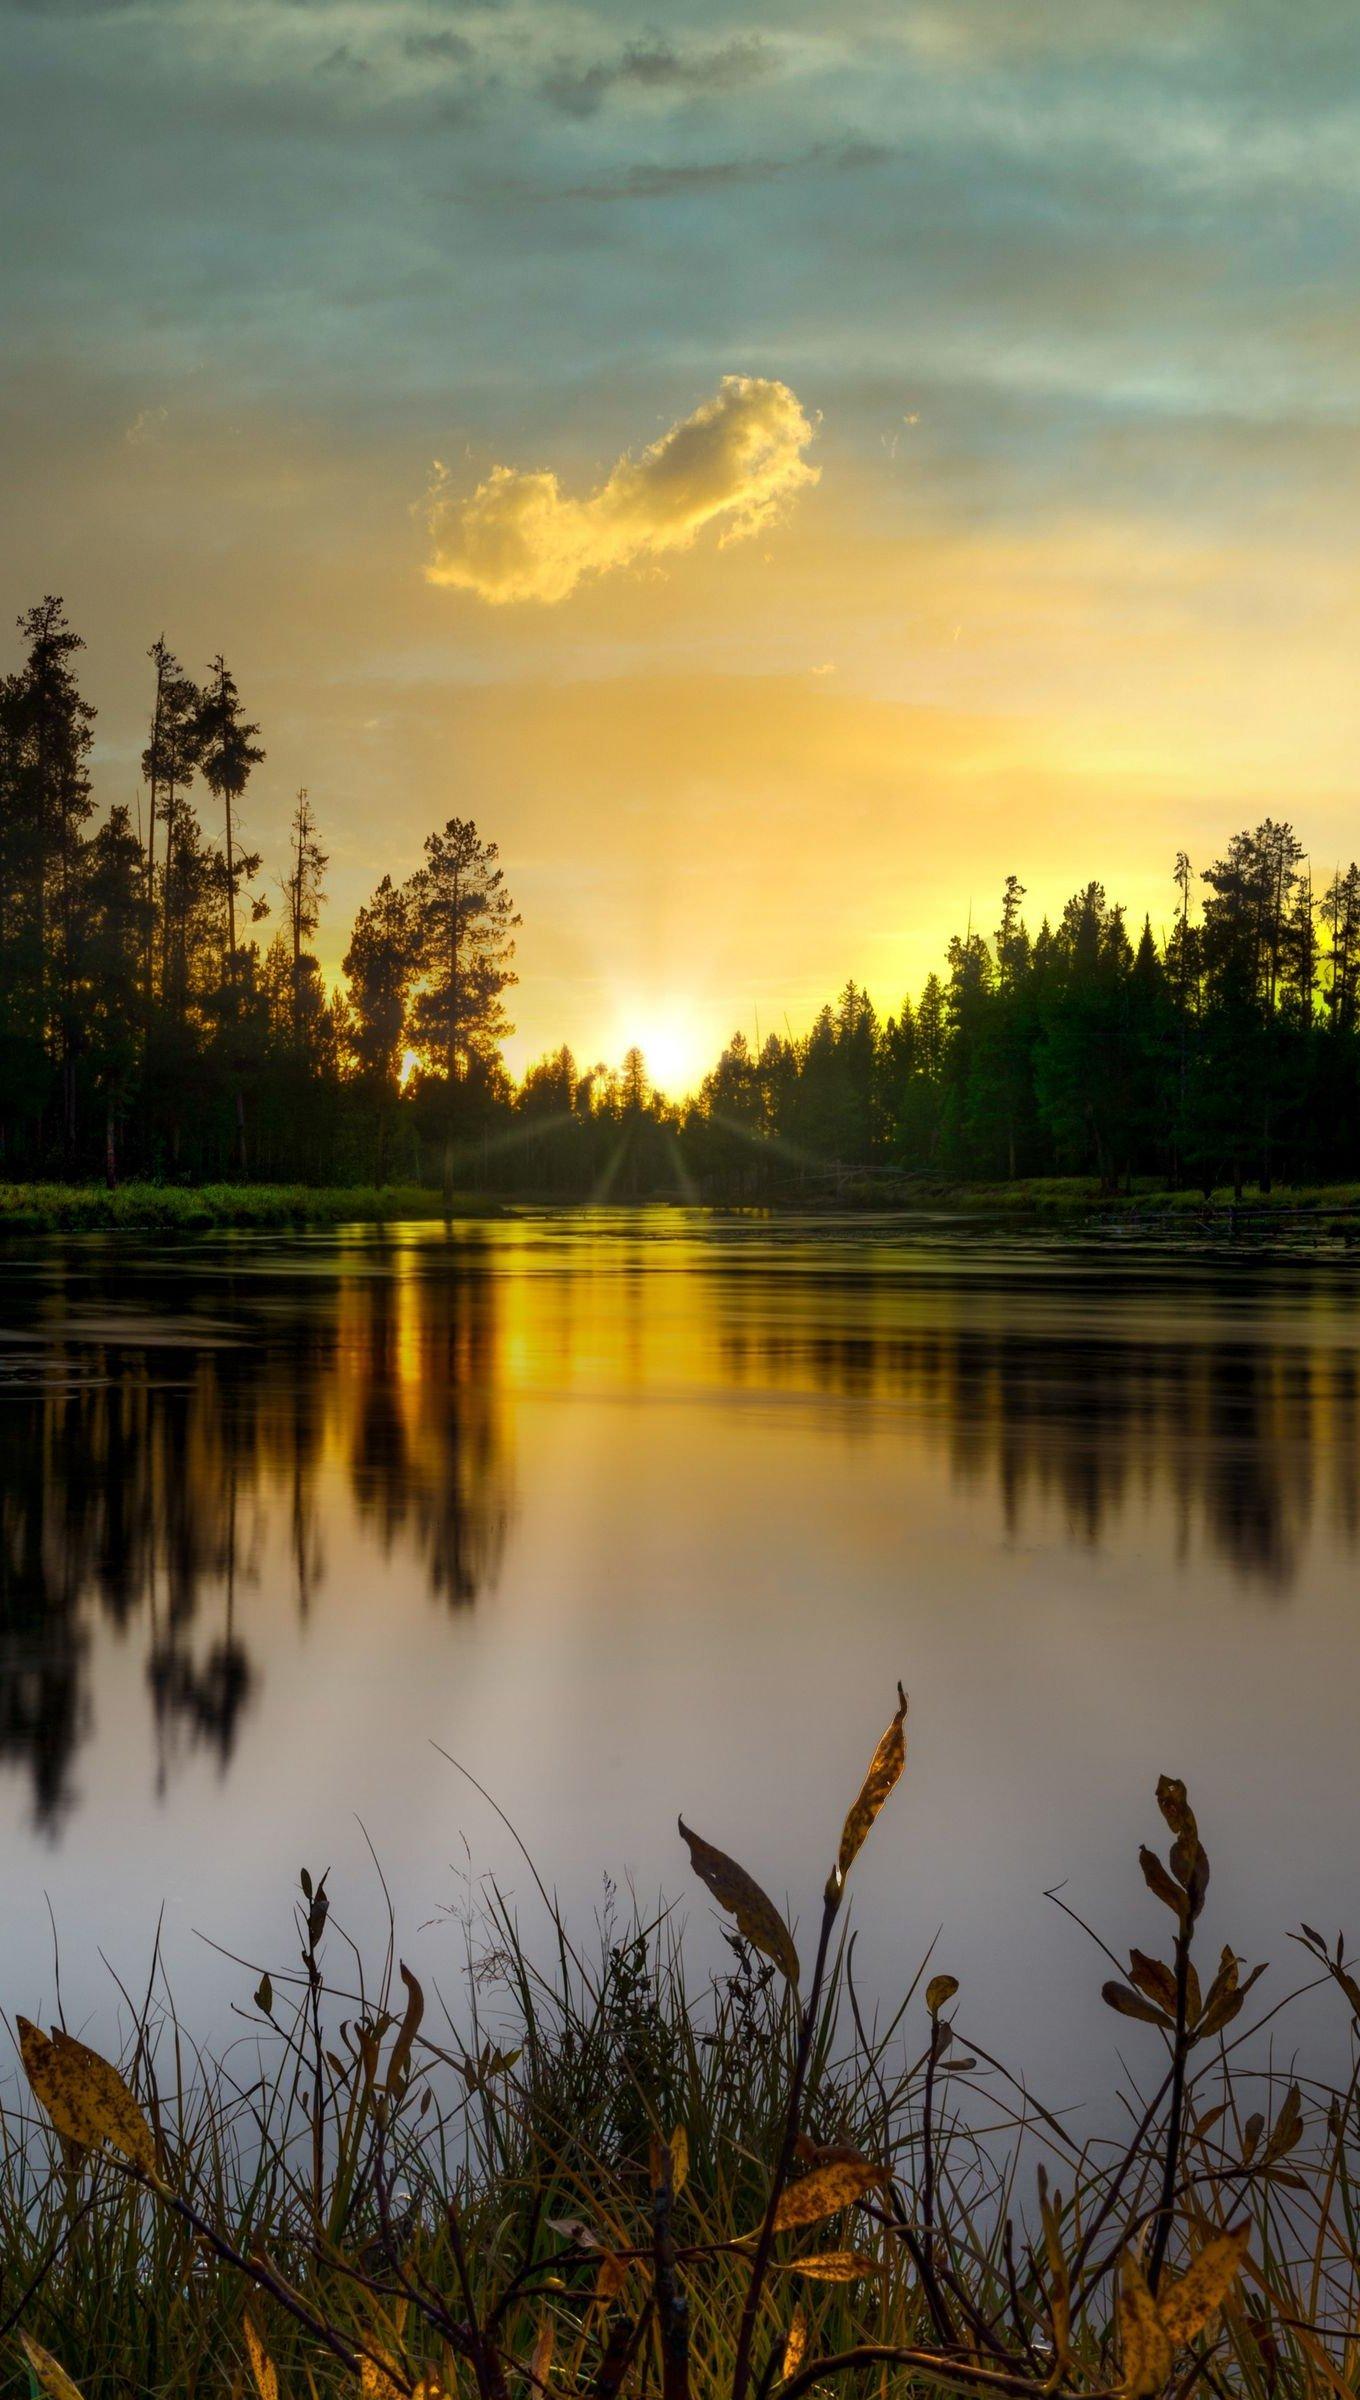 Fondos de pantalla Lago en bosque al atardecer Vertical